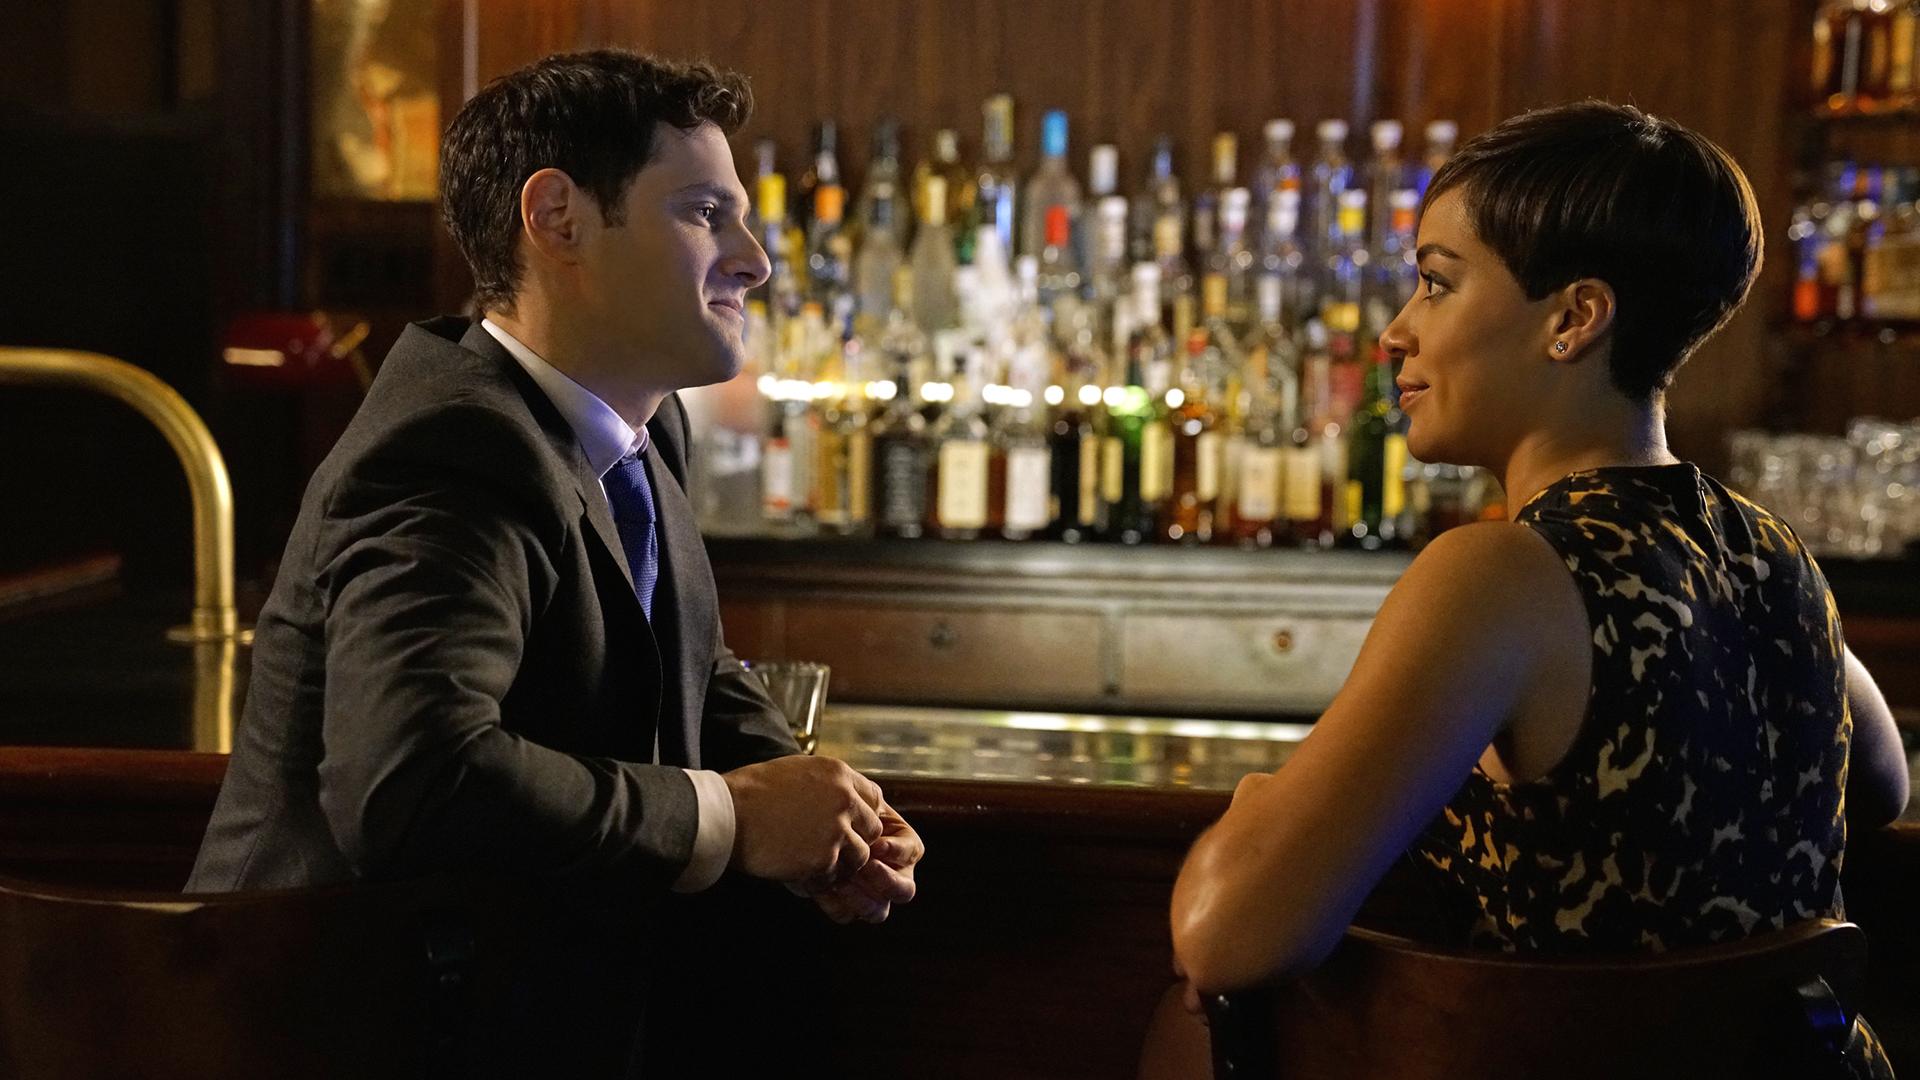 Prosecutor Colin Morrello meets Lucca Quinn in a Chicago bar.